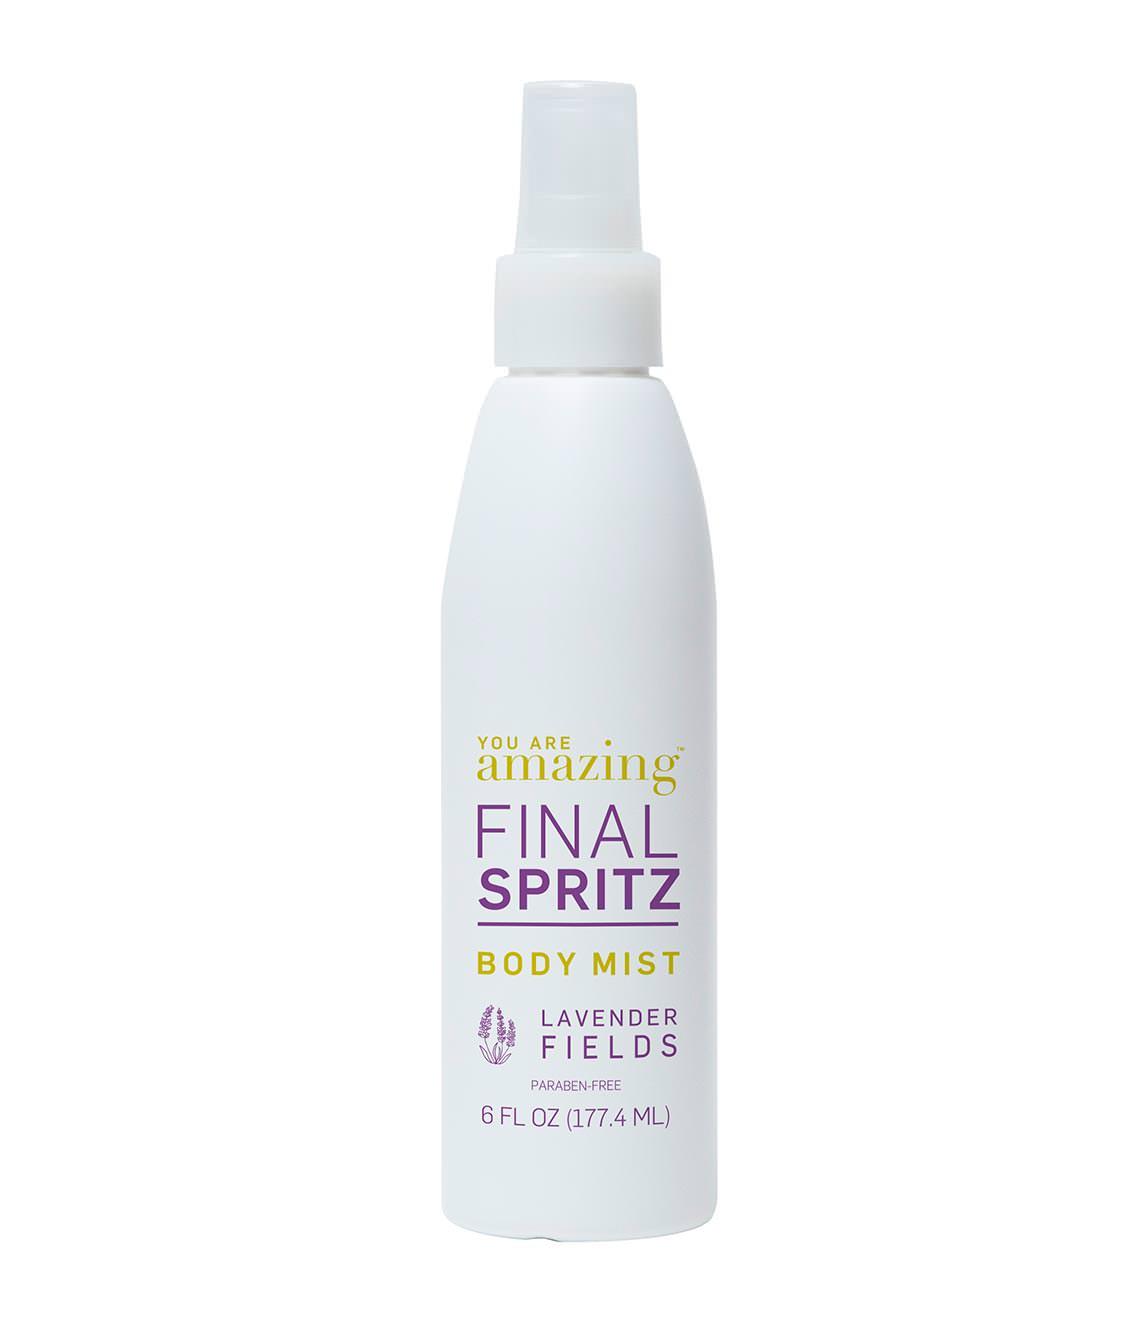 You Are Amazing Final Spritz Body Mist Lavendar Fields